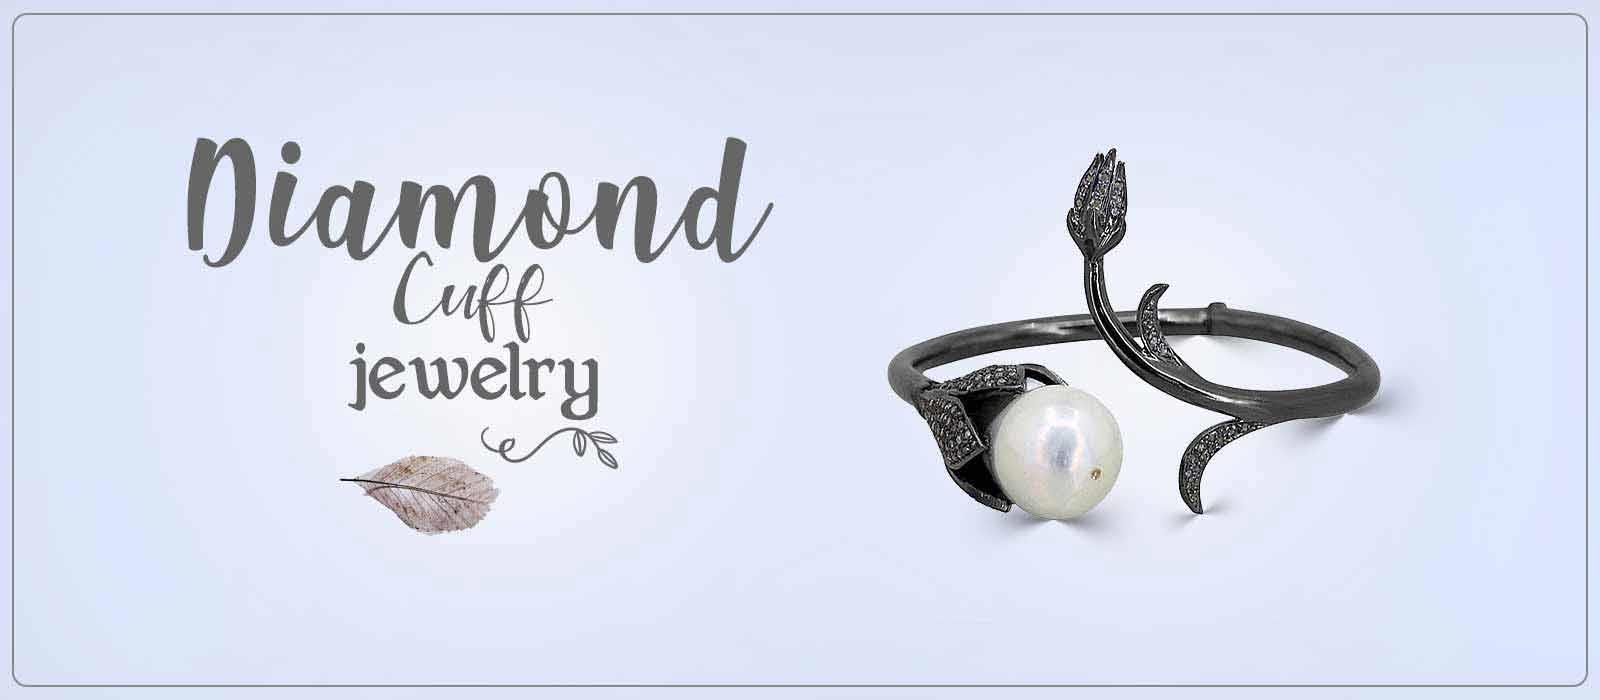 Diamond cuff jewelry